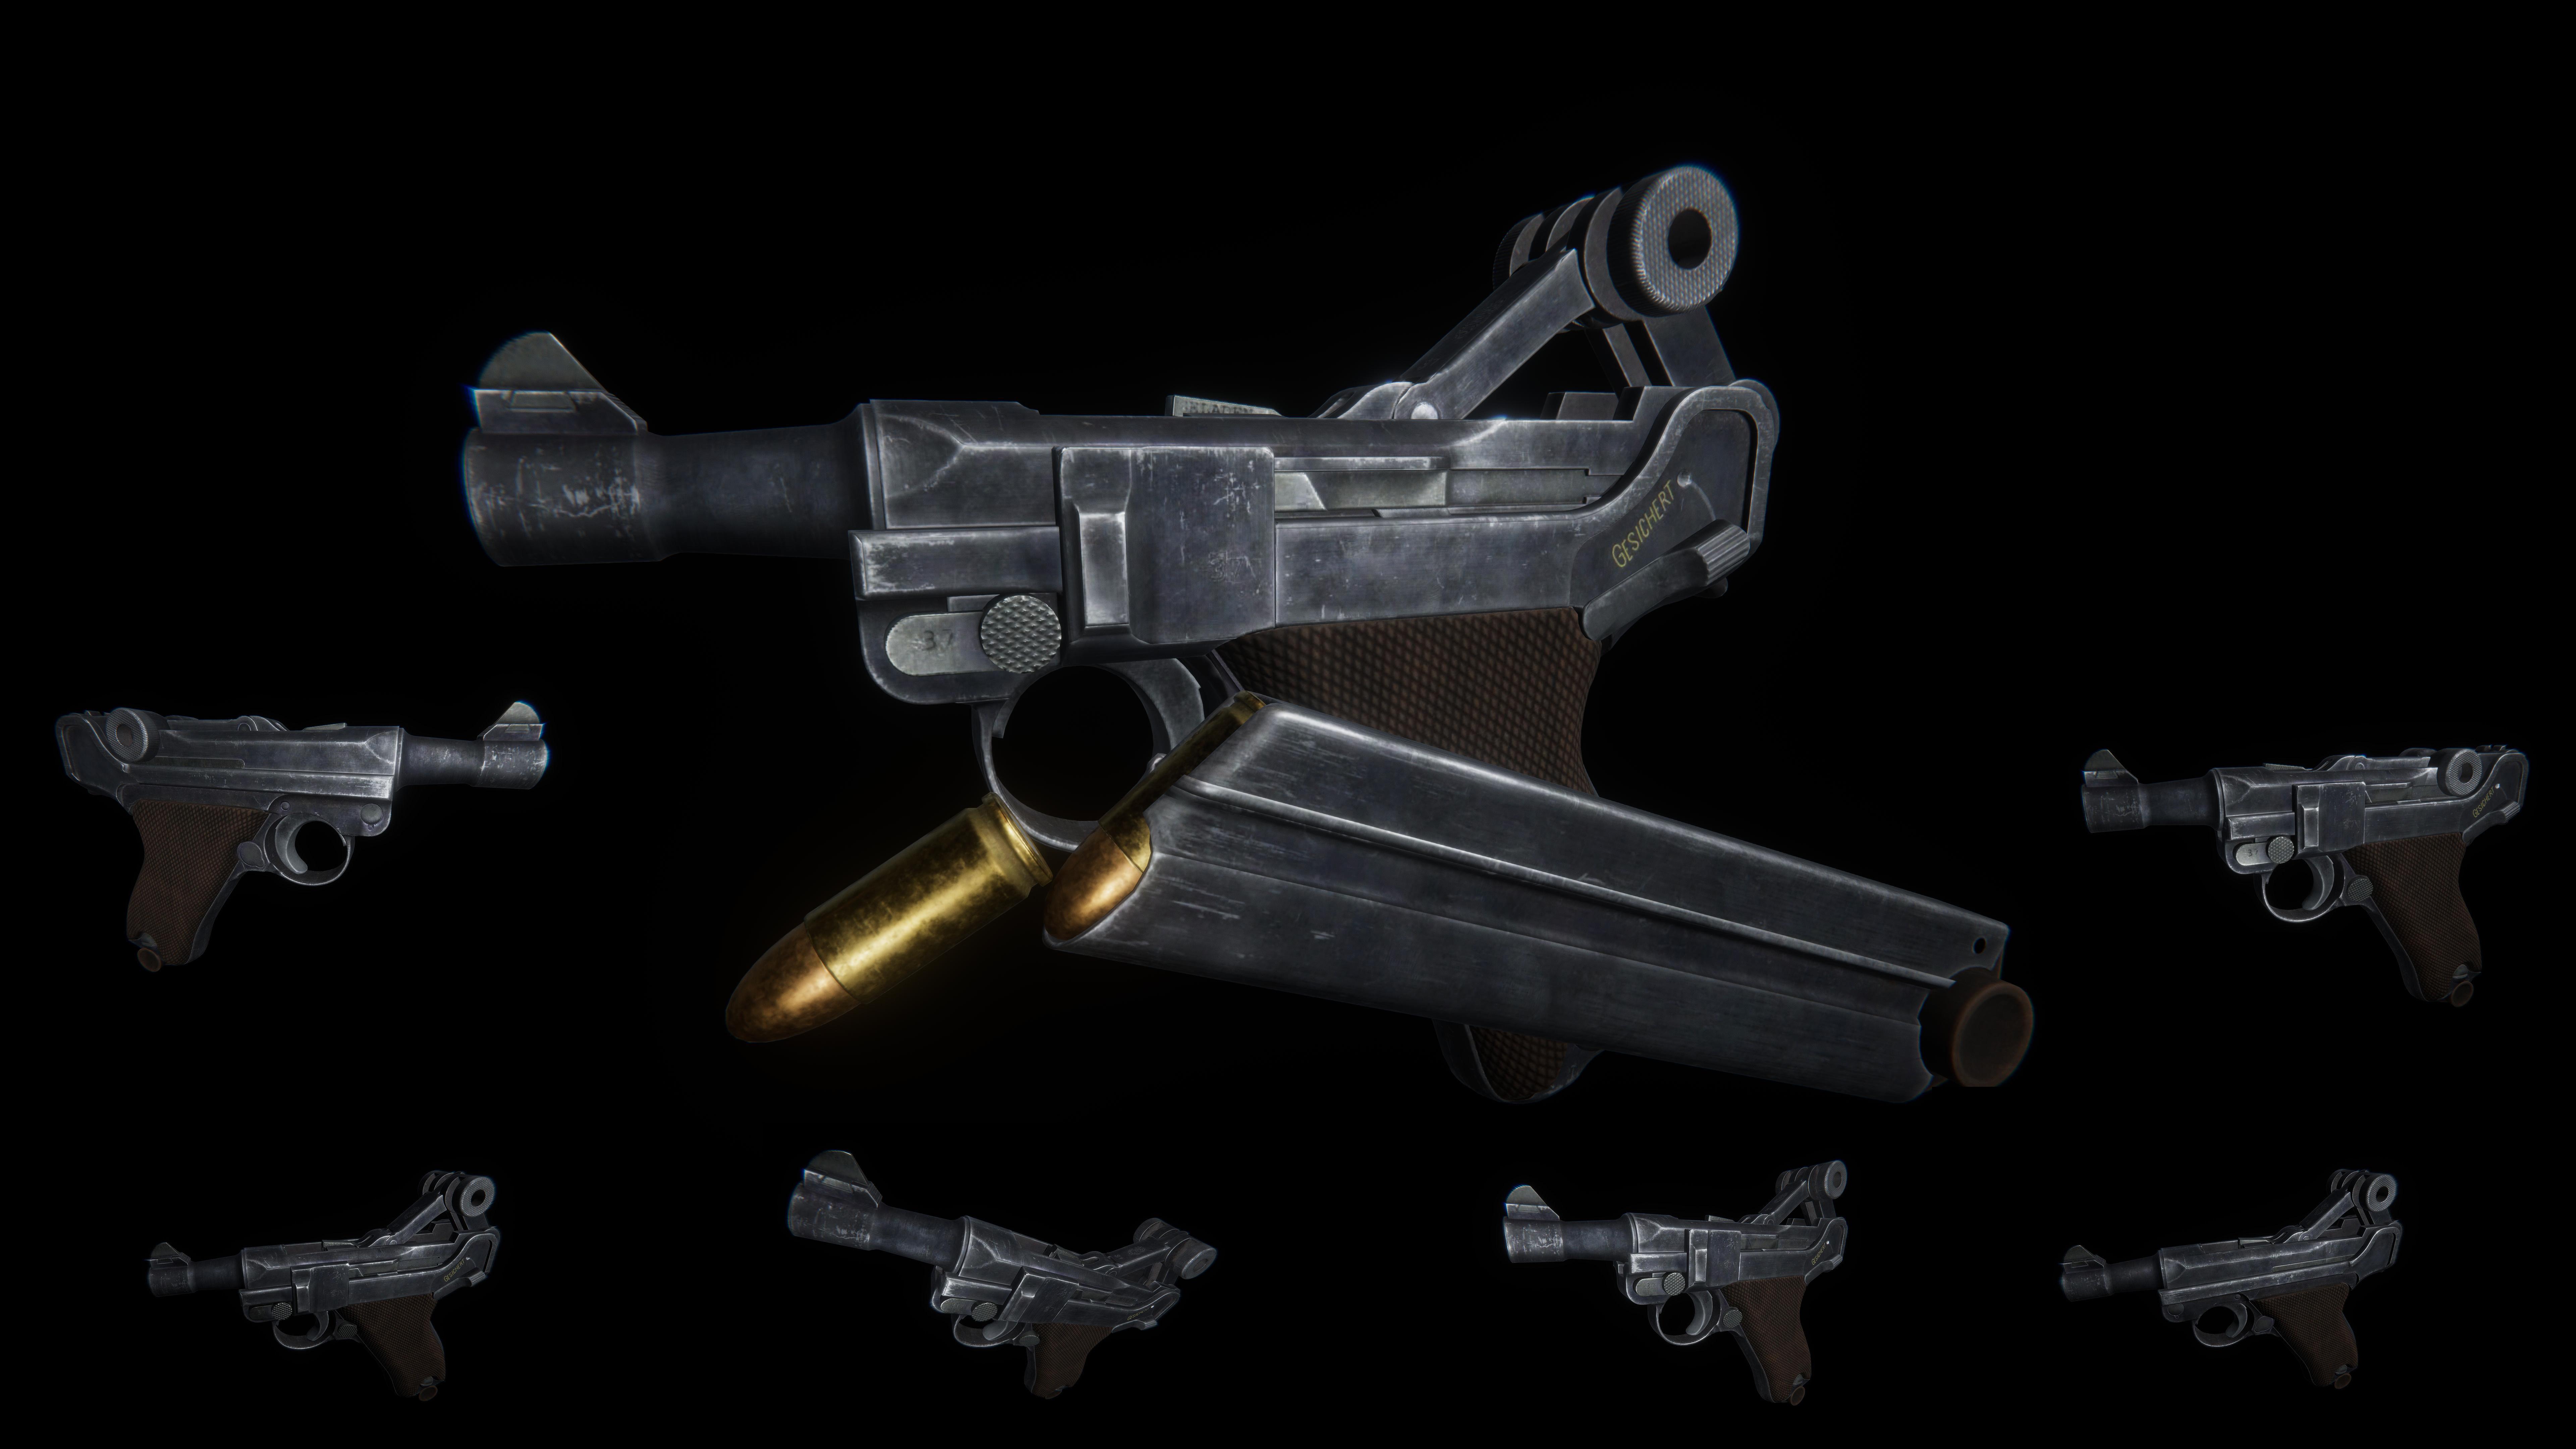 AAA Luger Pistol